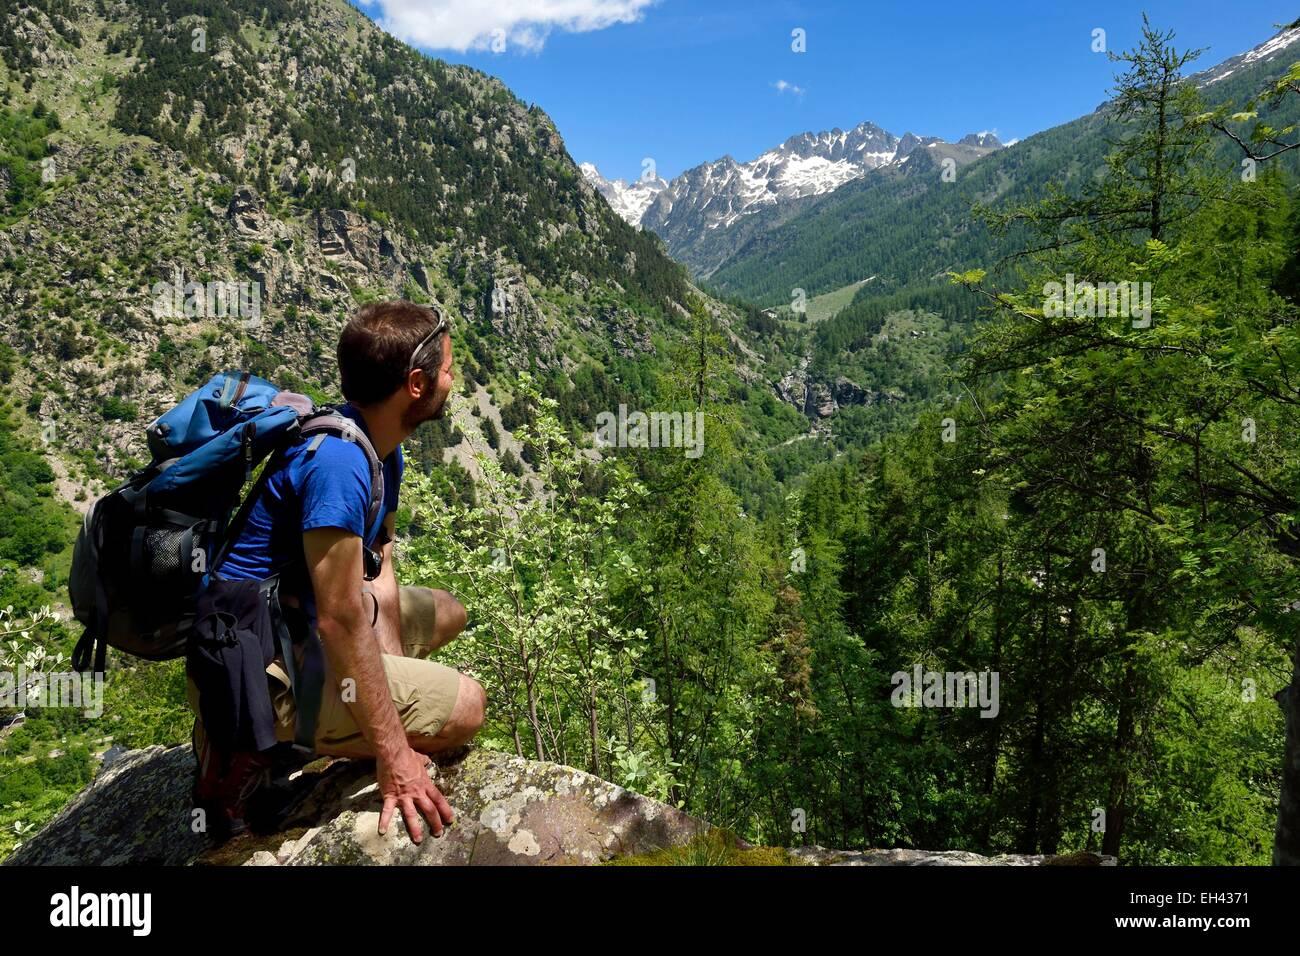 France, Alpes Maritimes, Parc National du Mercantour (Mercantour national park), Haute Vesubie, Gordolasque valley, Stock Photo